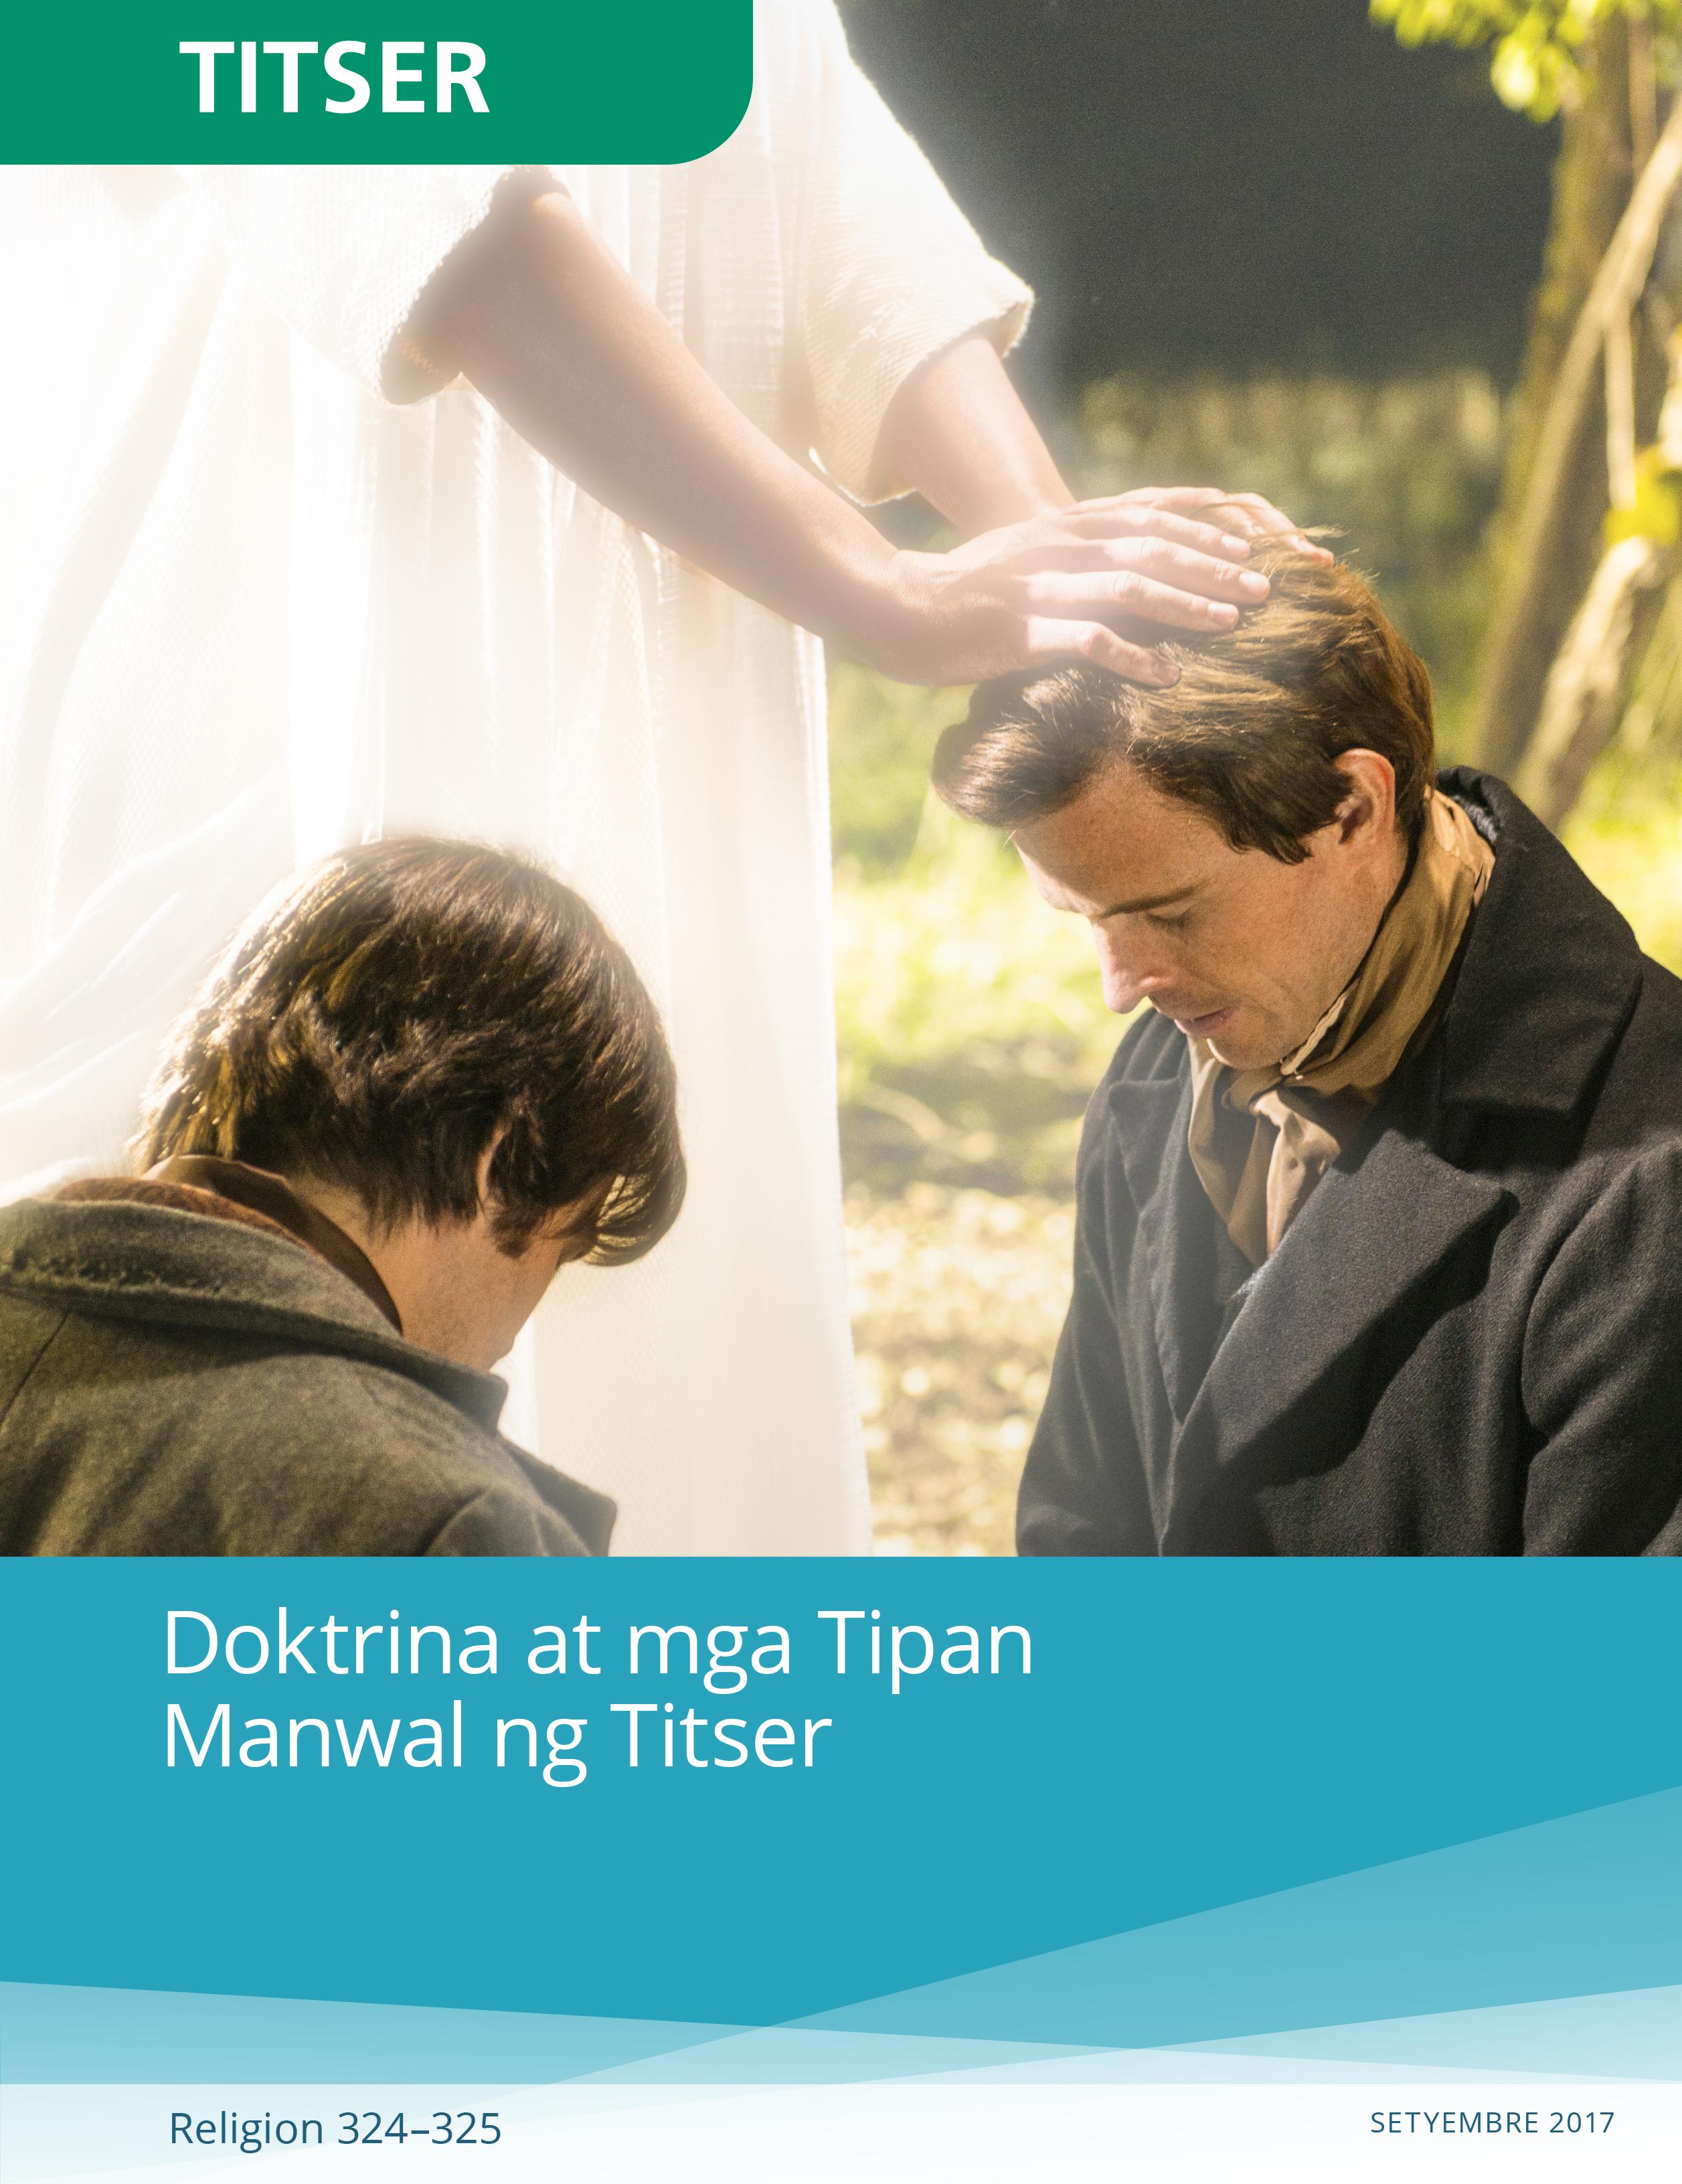 Manwal ng Doktrina at mga Tipan para sa Titser